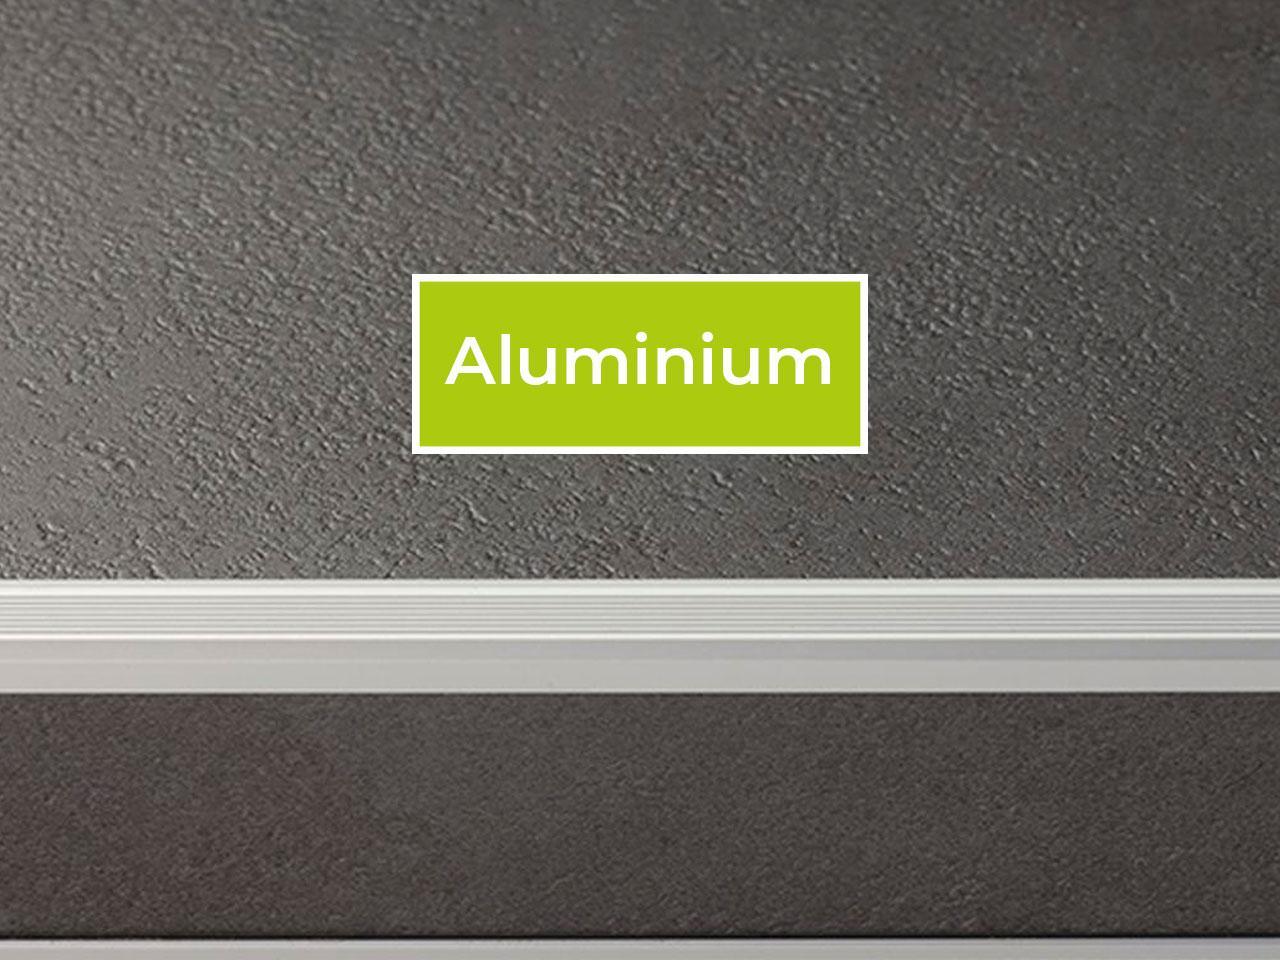 Trapneus profiel voor PVC traprenovatie kleur aluminium